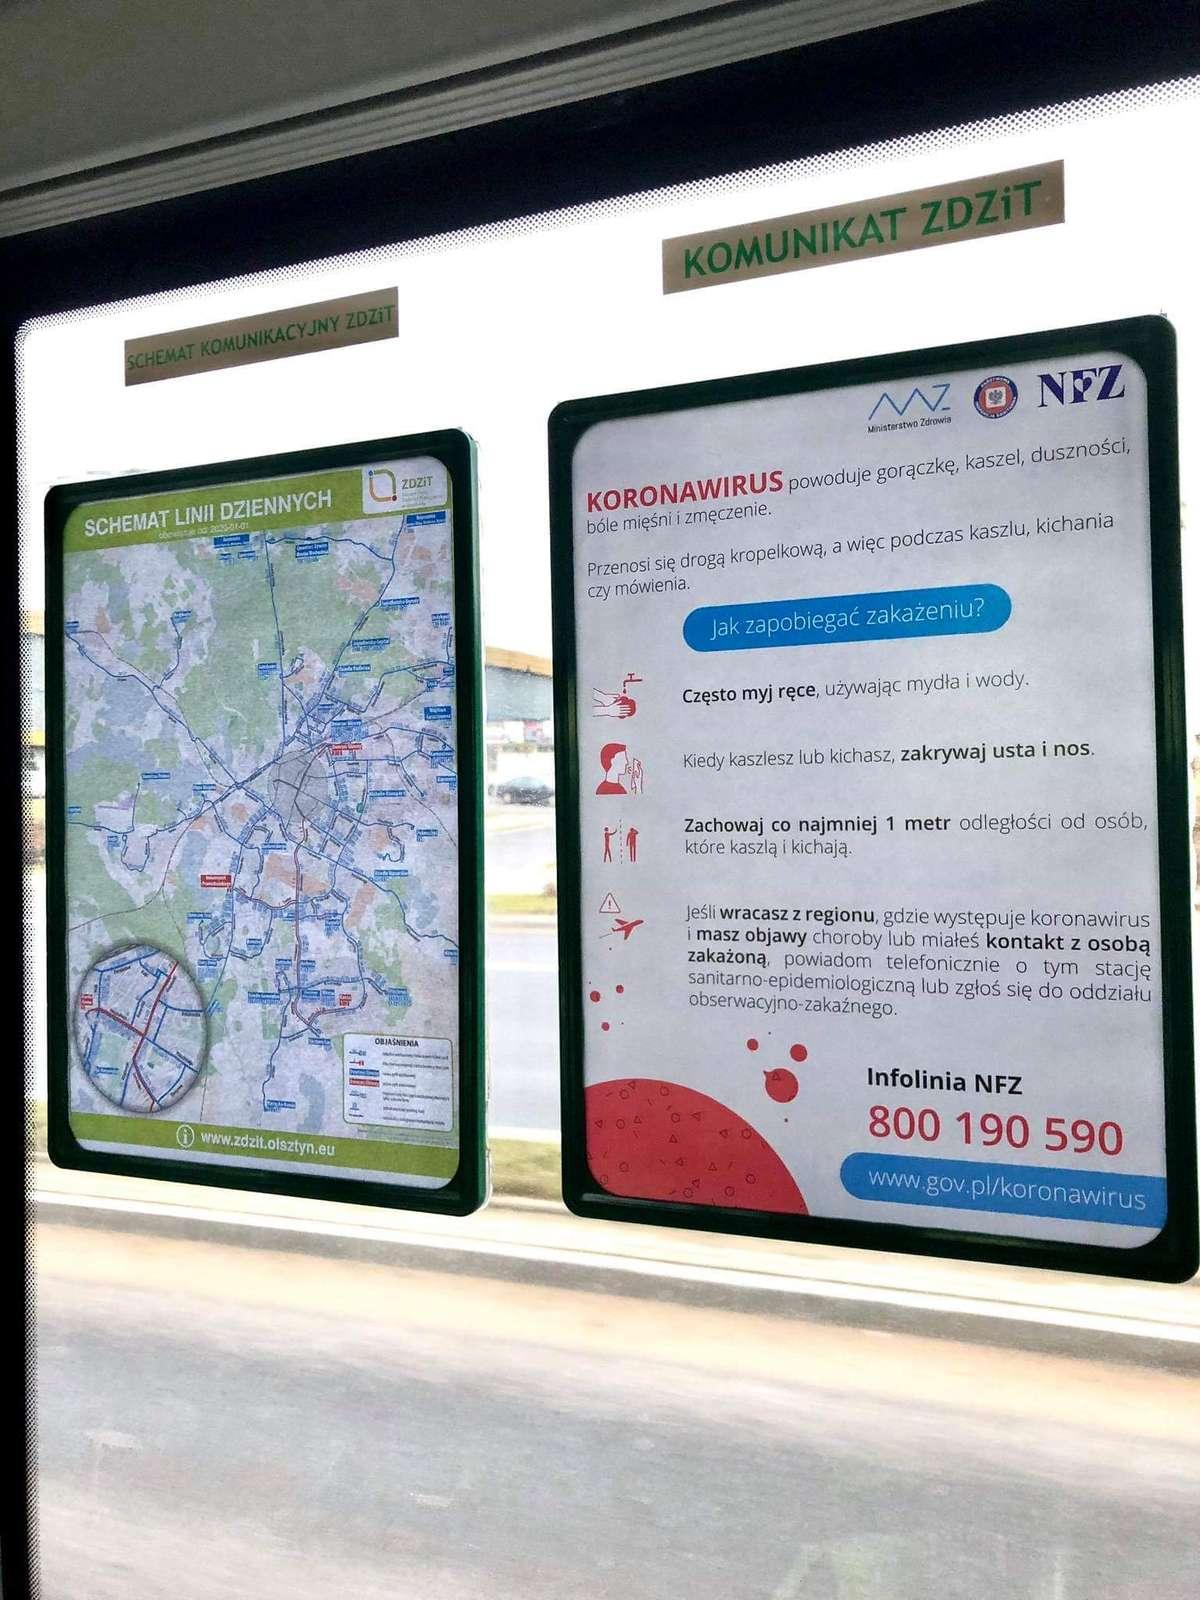 W komunikacji miejskiej w Olsztynie pojawiły się plakaty